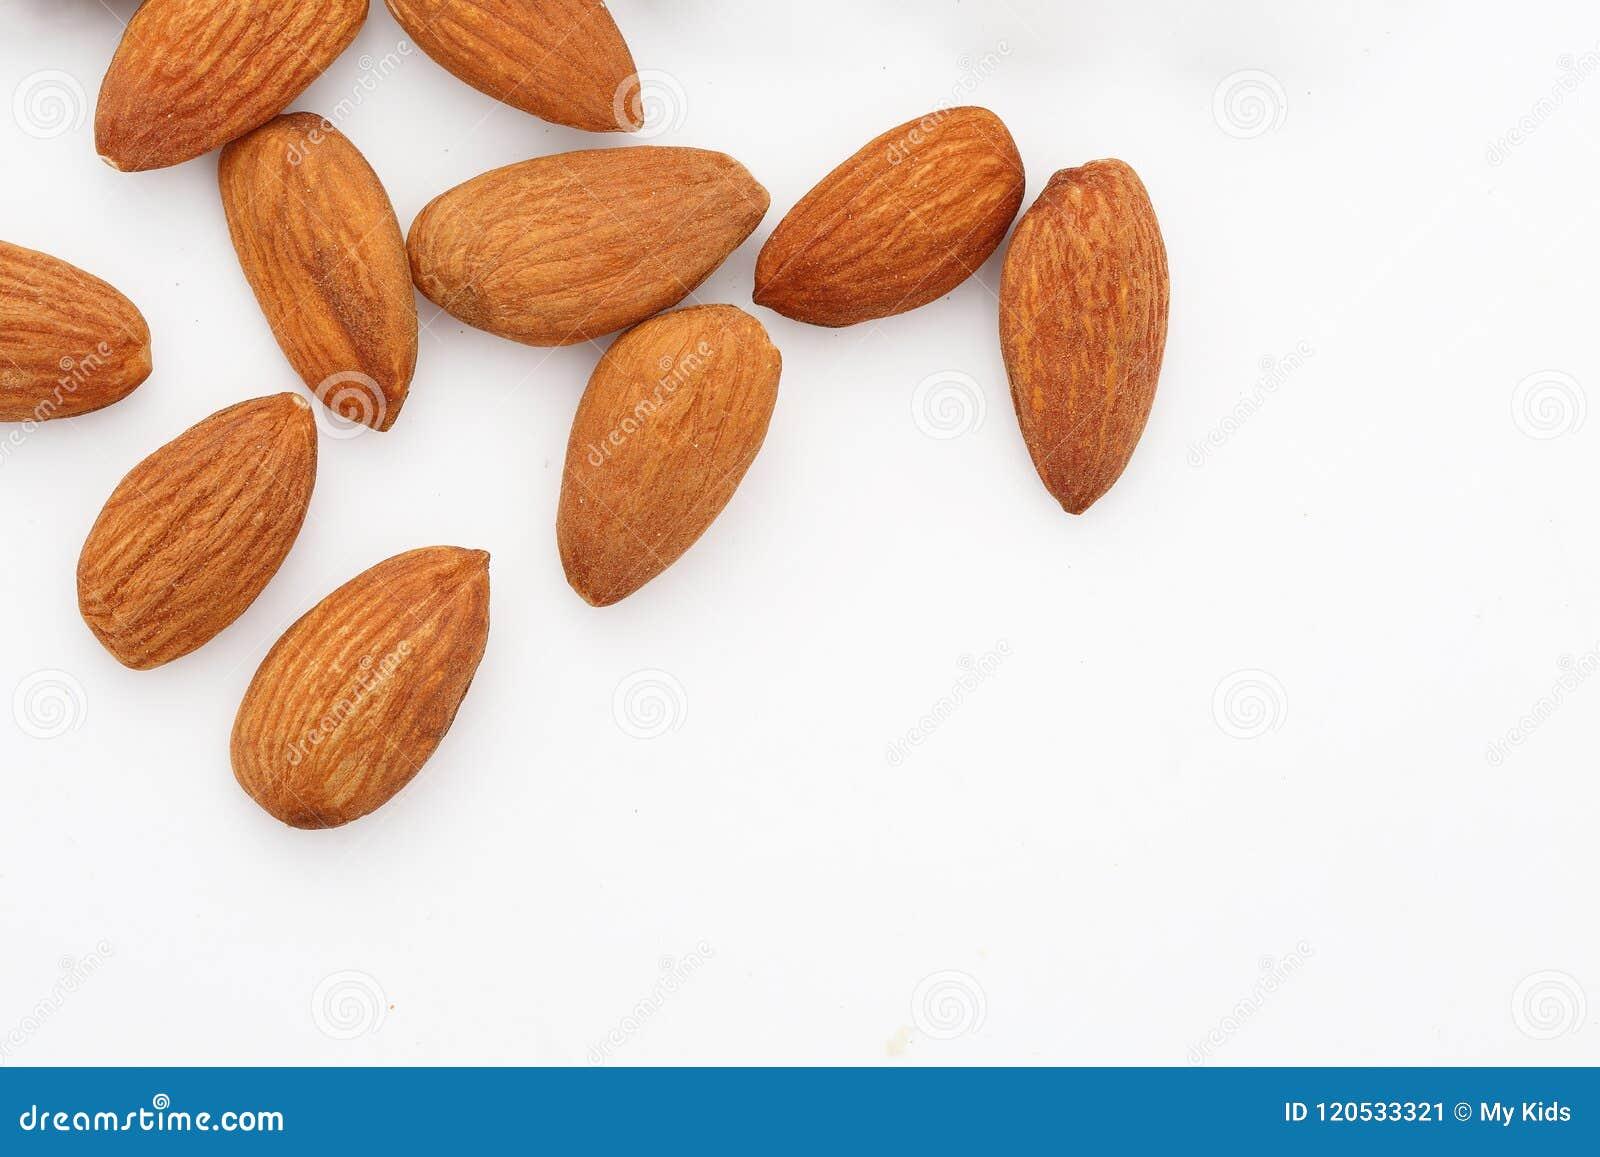 νύξεων Καρύδια αμυγδάλων, ακατέργαστα τρόφιμα